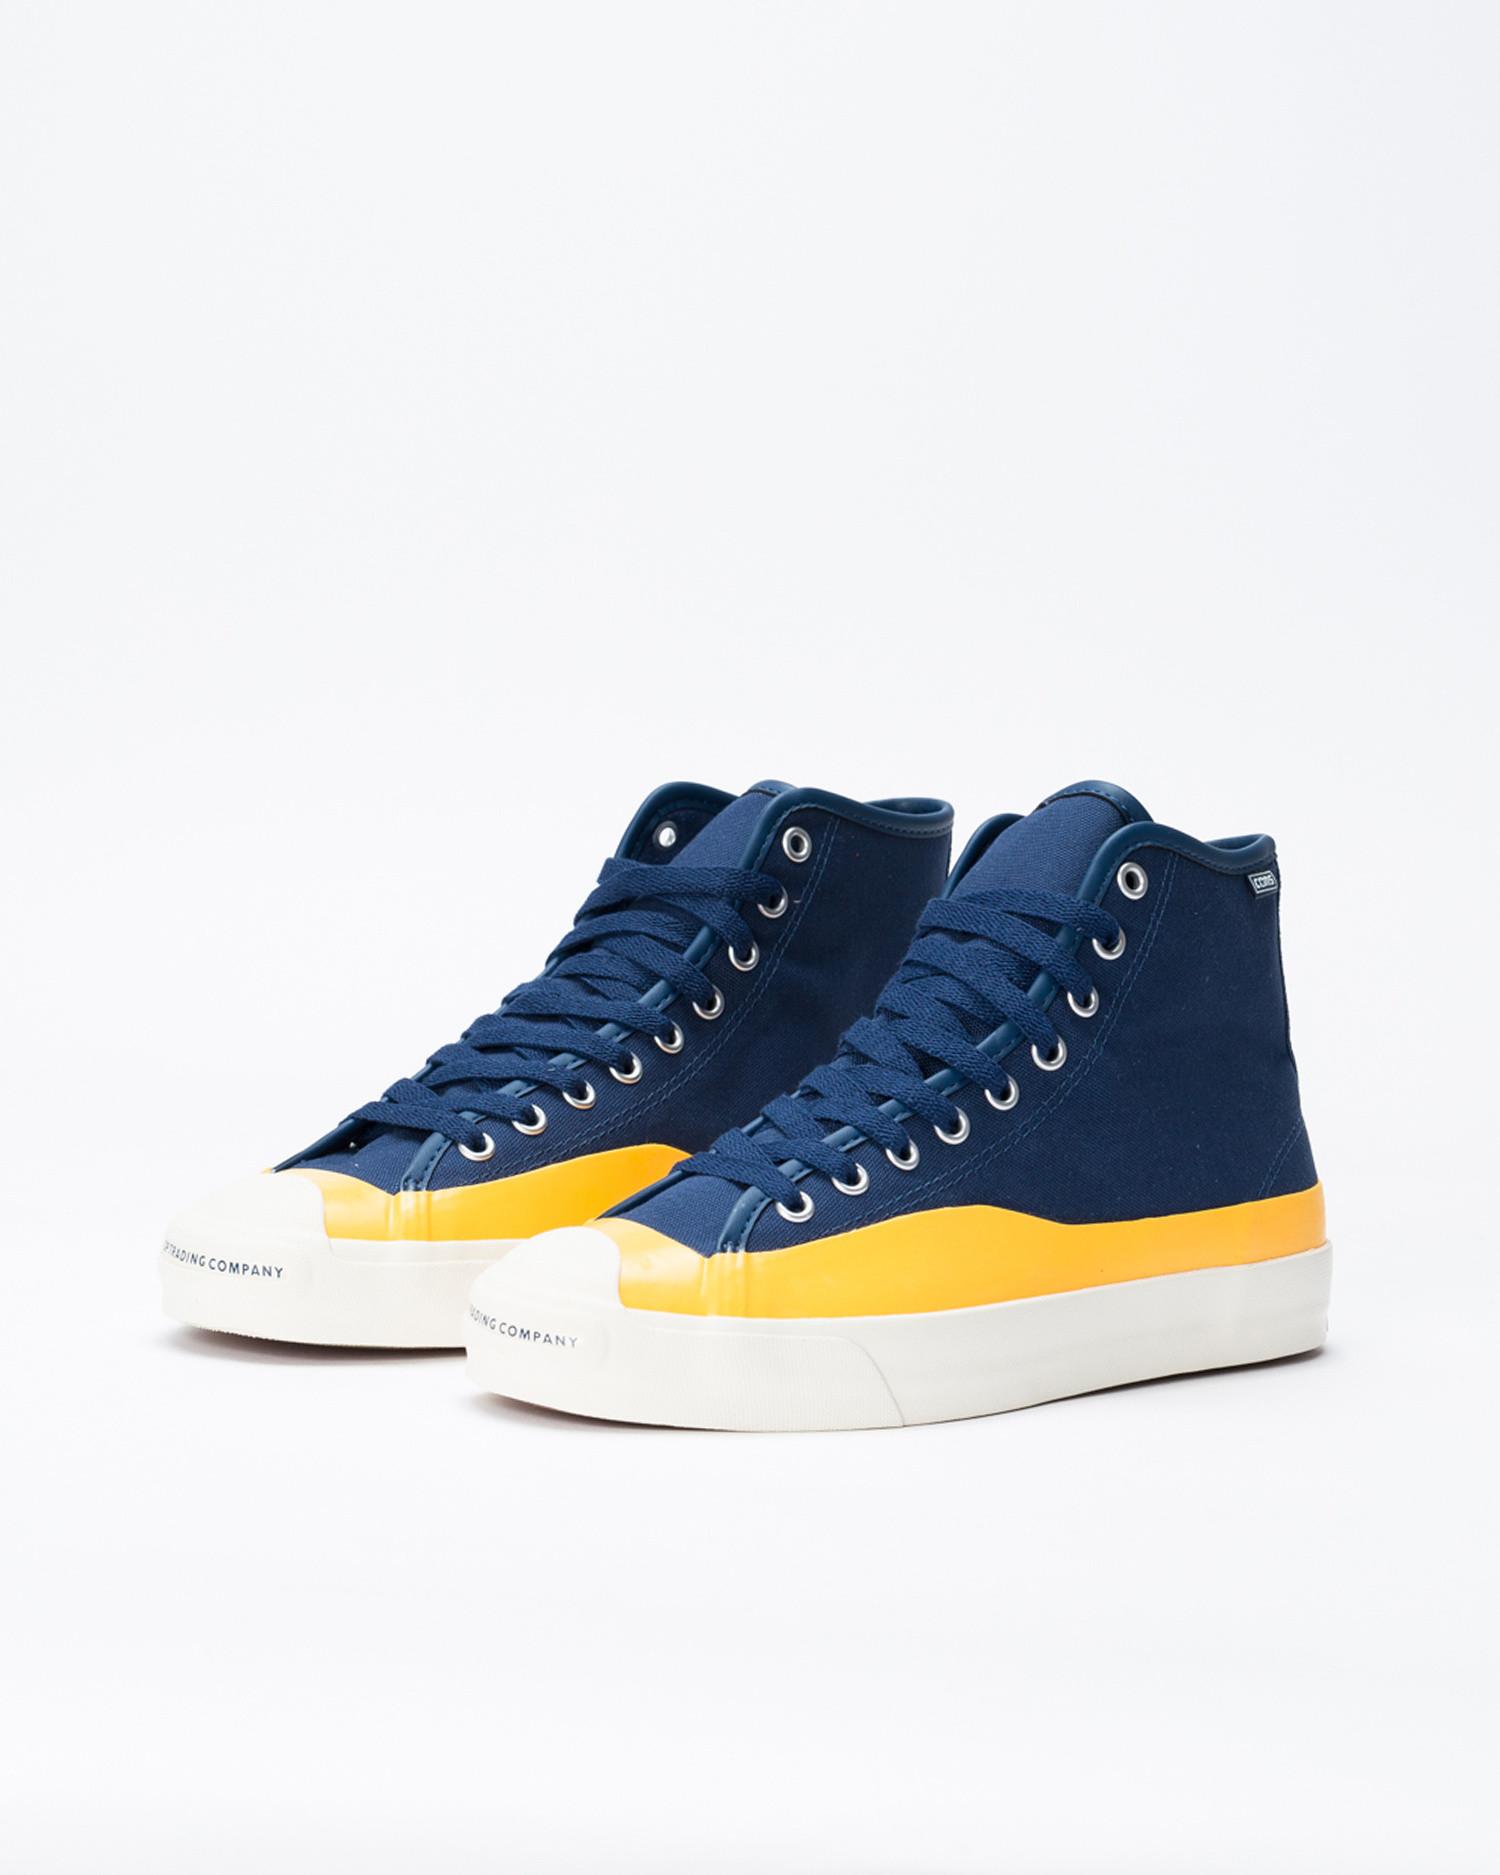 Converse Jack Purcell Pro Hi Pop Trading Company Navy/Citrus/Egret